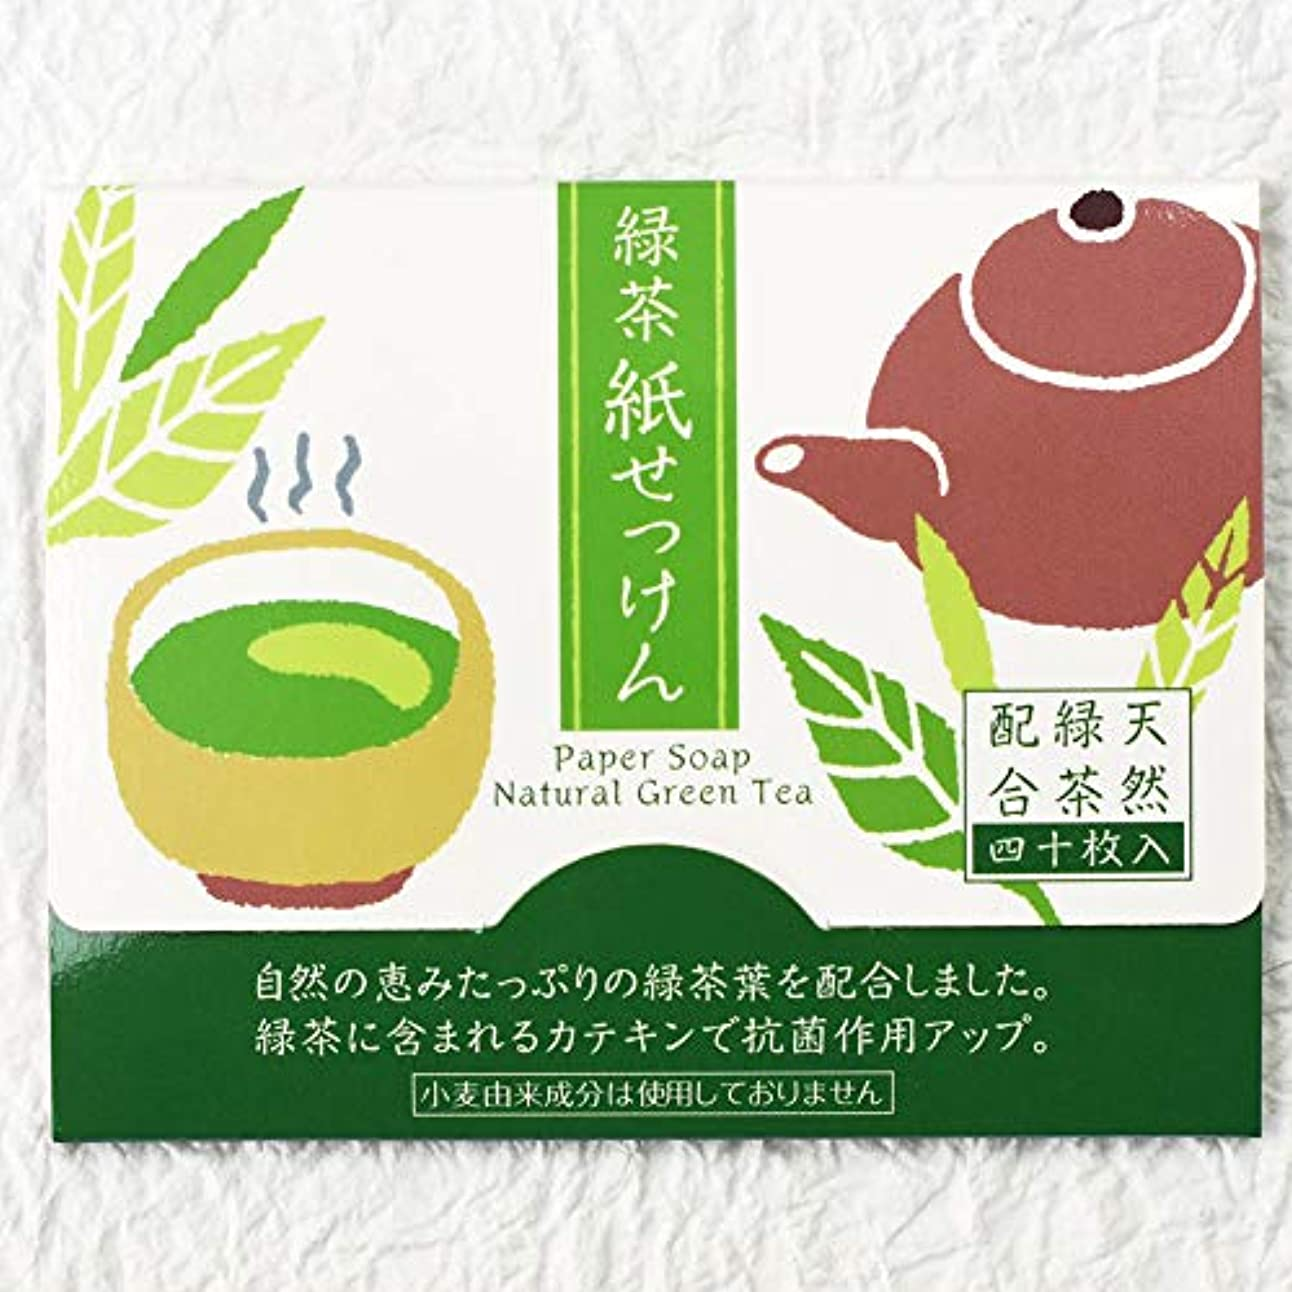 フルーティー割るみがきます表現社 紙せっけん 天然緑茶配合 22-289